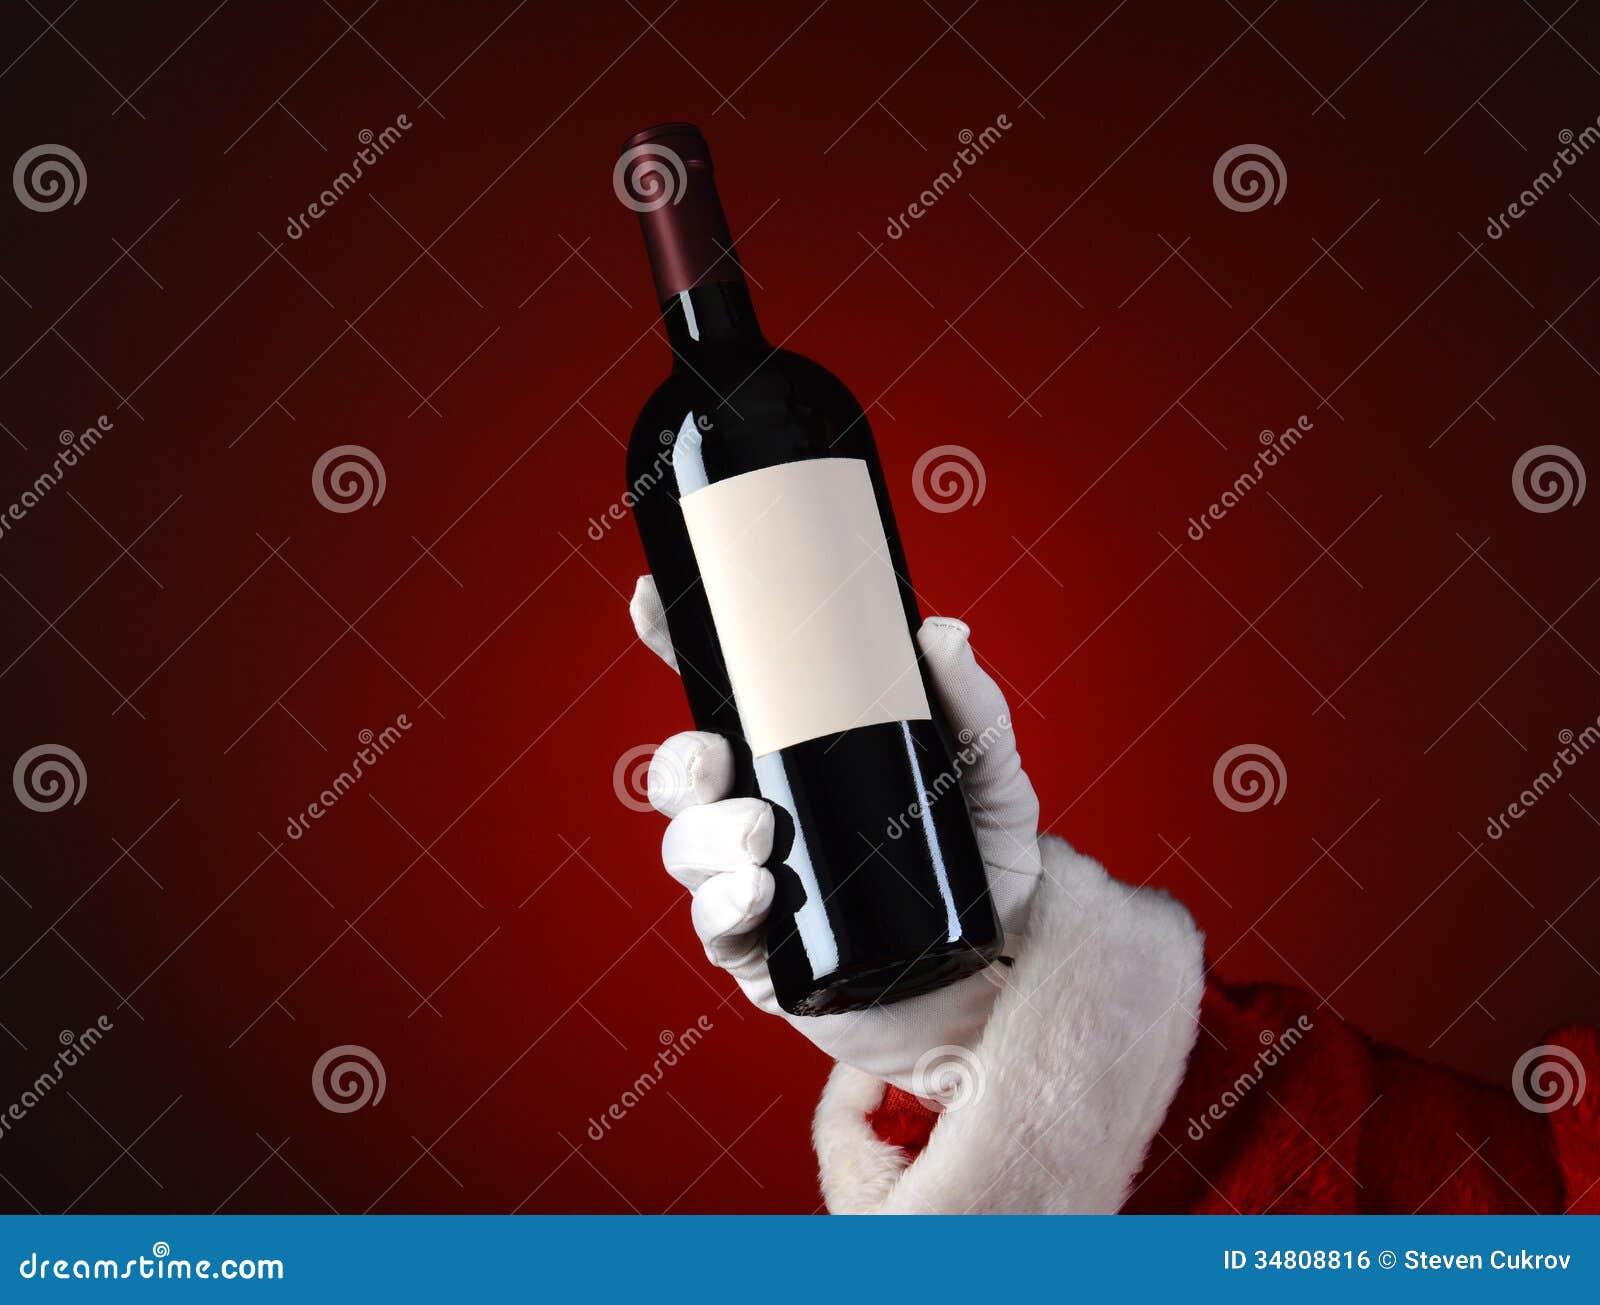 Santa Holding Wine Bottle Royalty Free Stock Image Image